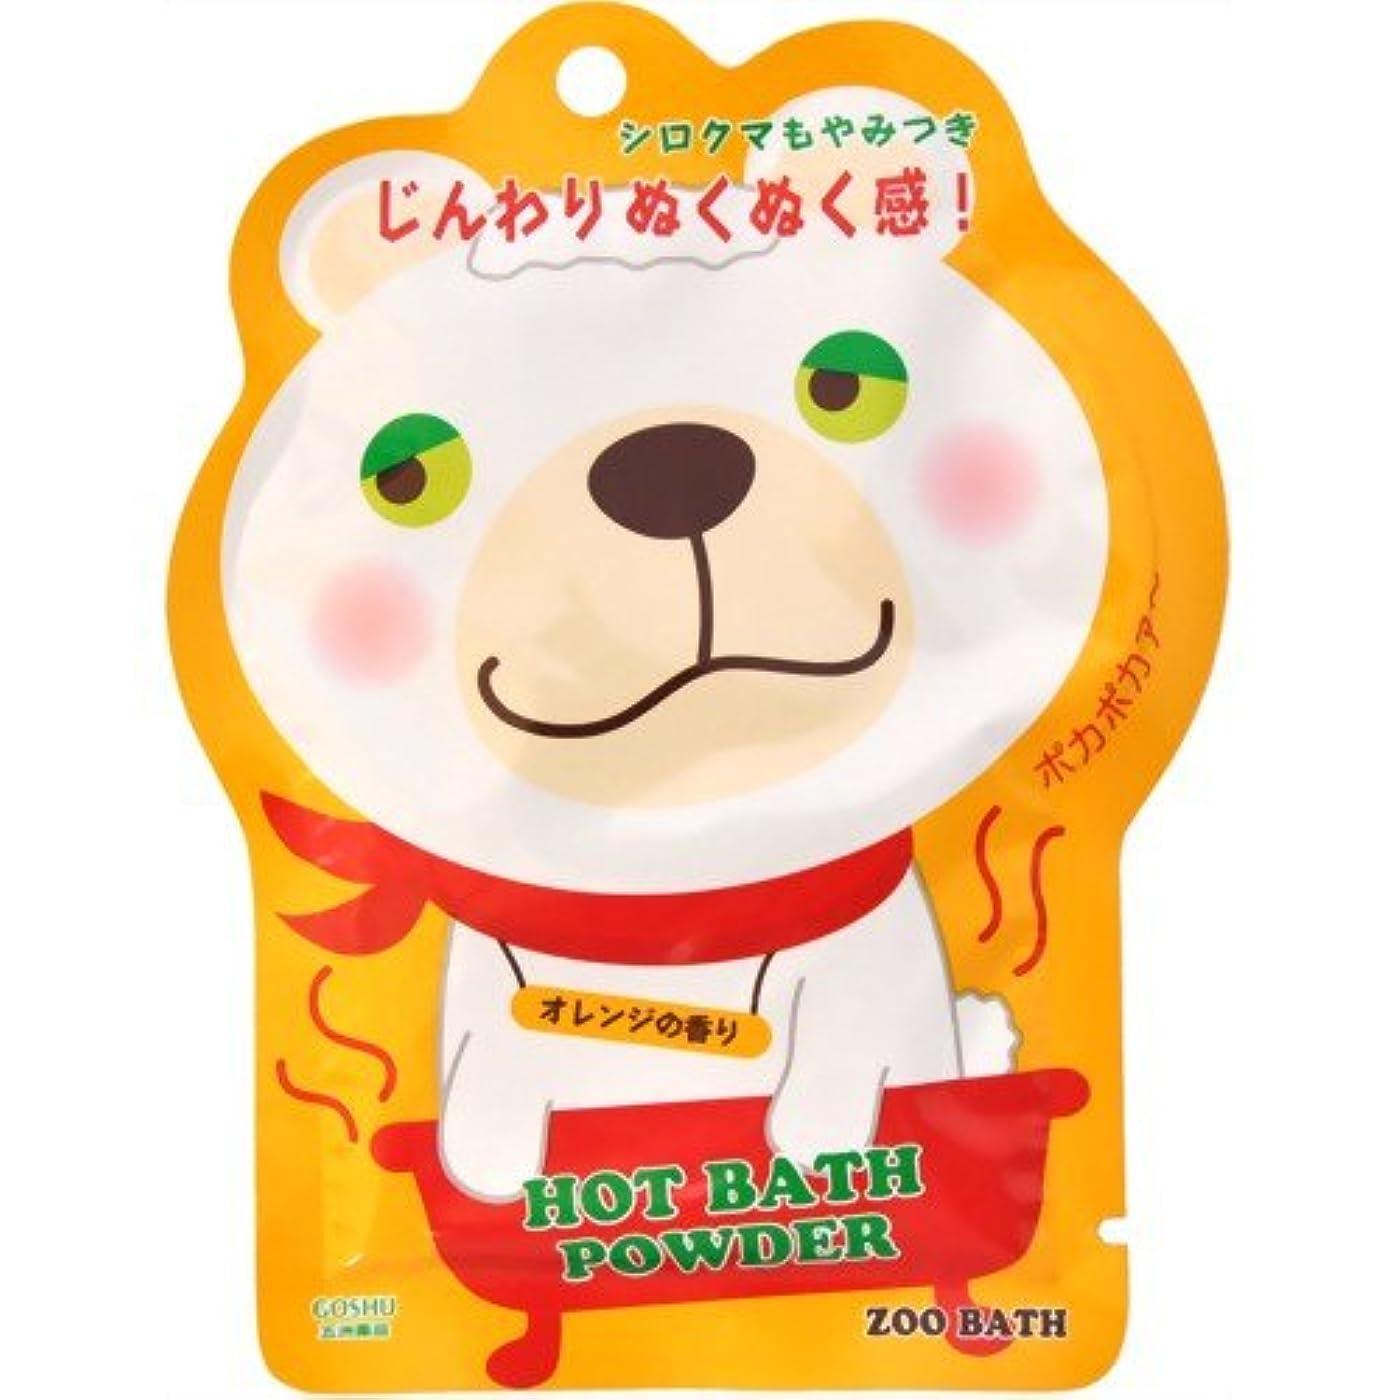 熱狂的なクランプ毛布ZOO BATH(ズーバス) シロクマ ホットバスパウダー